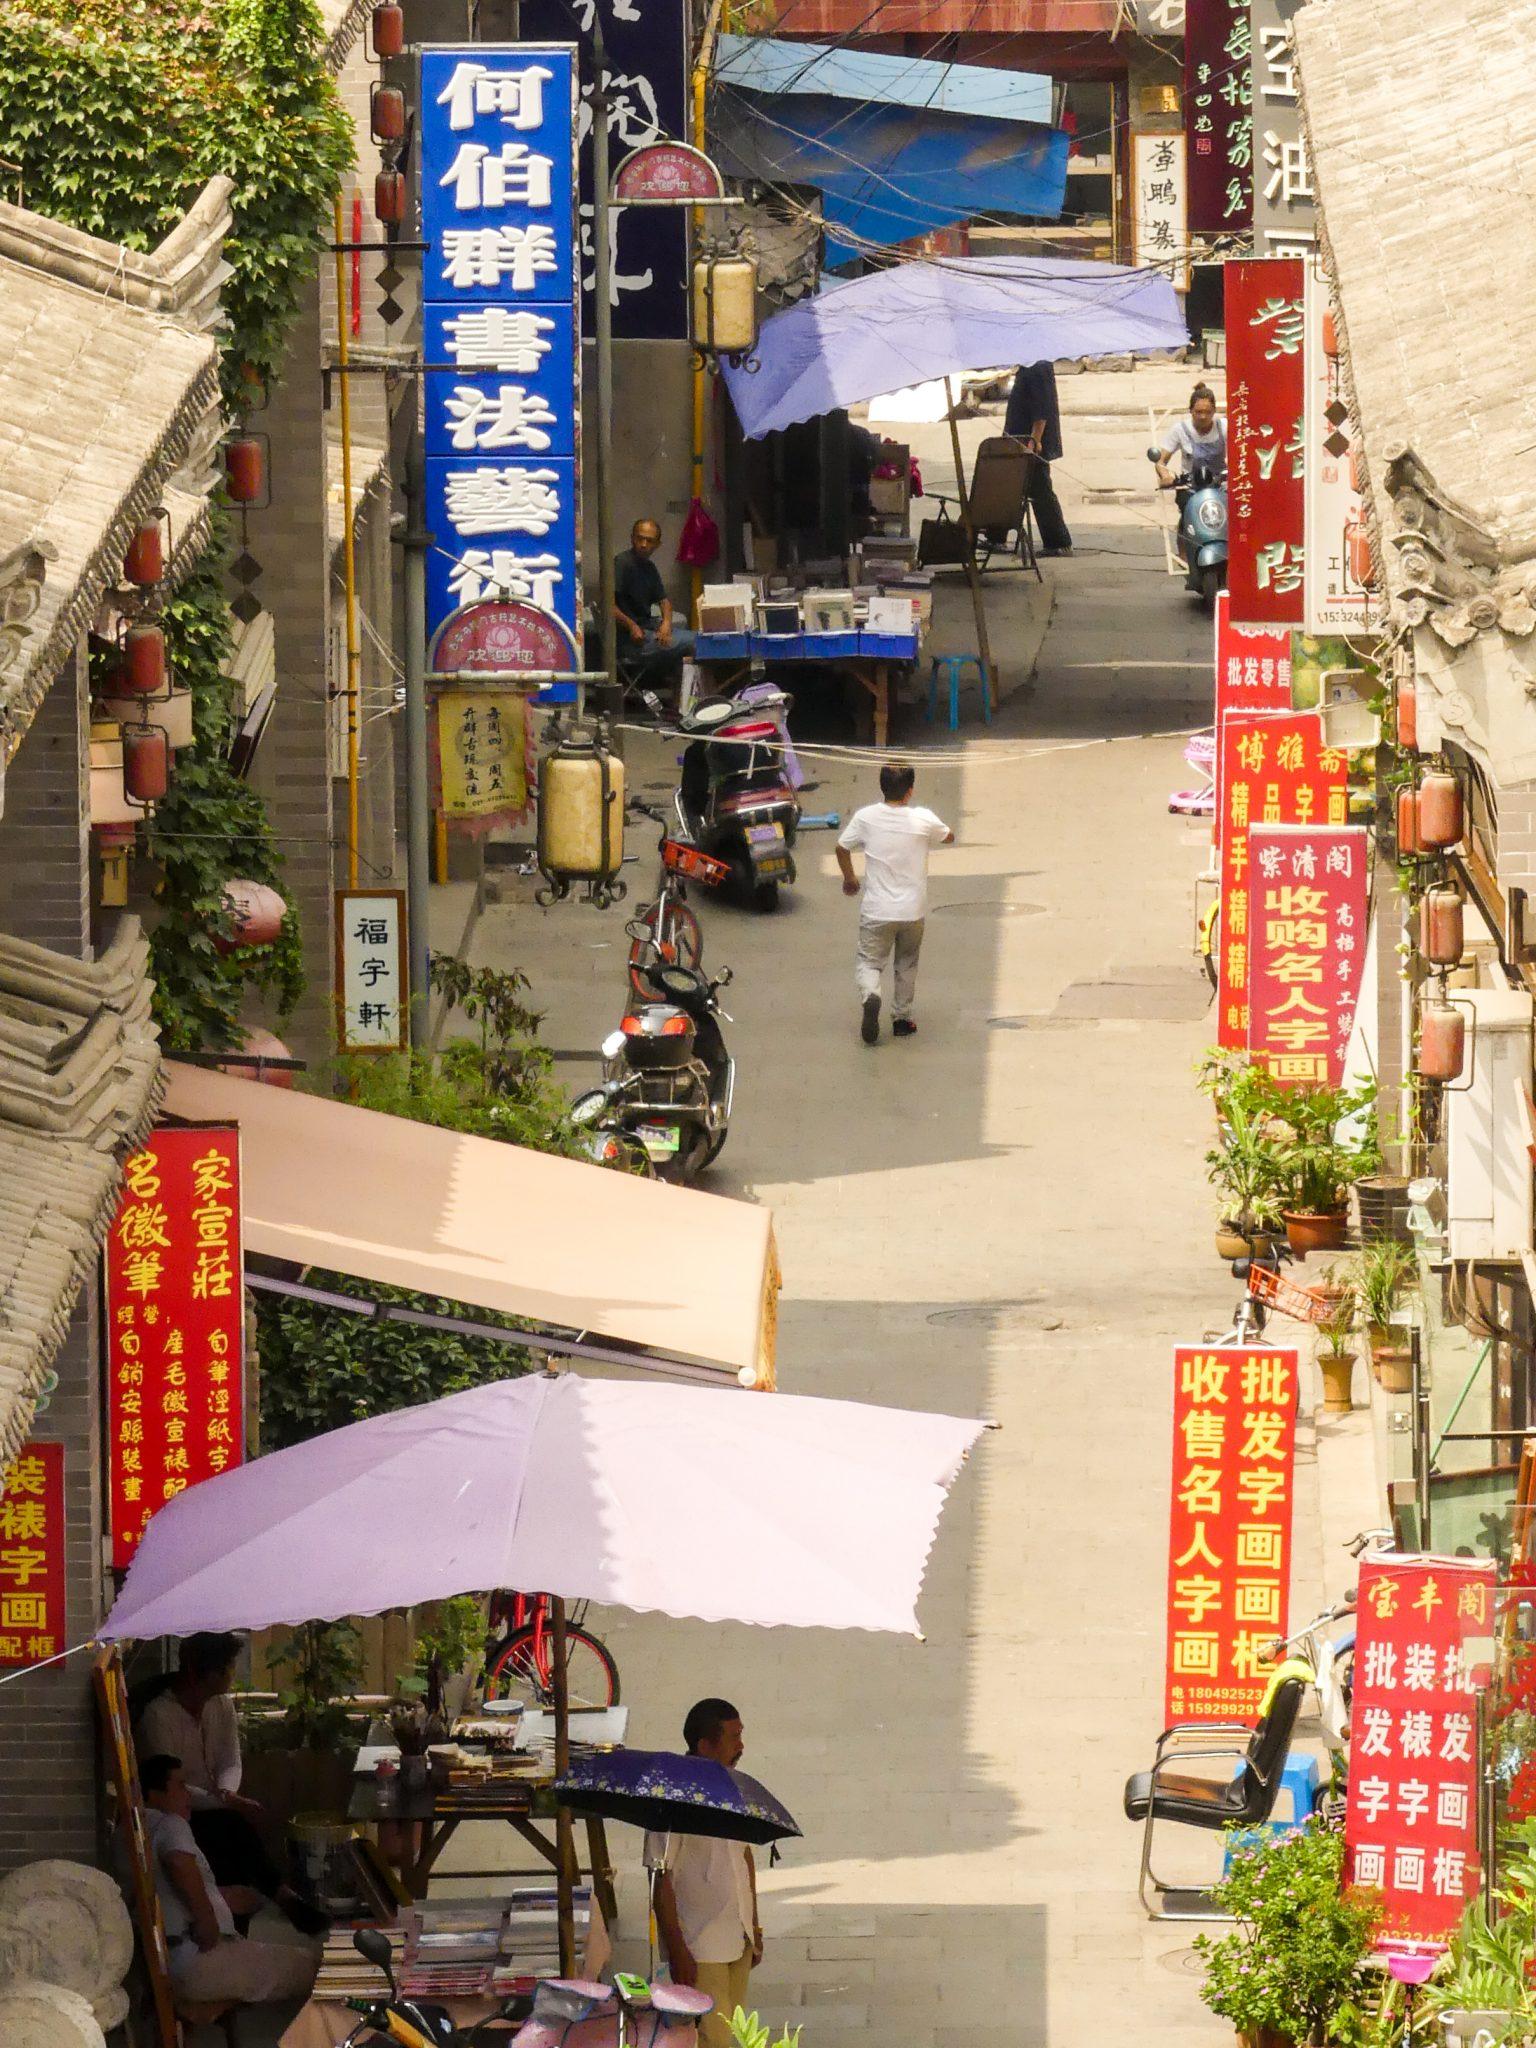 Chinese street, take 1